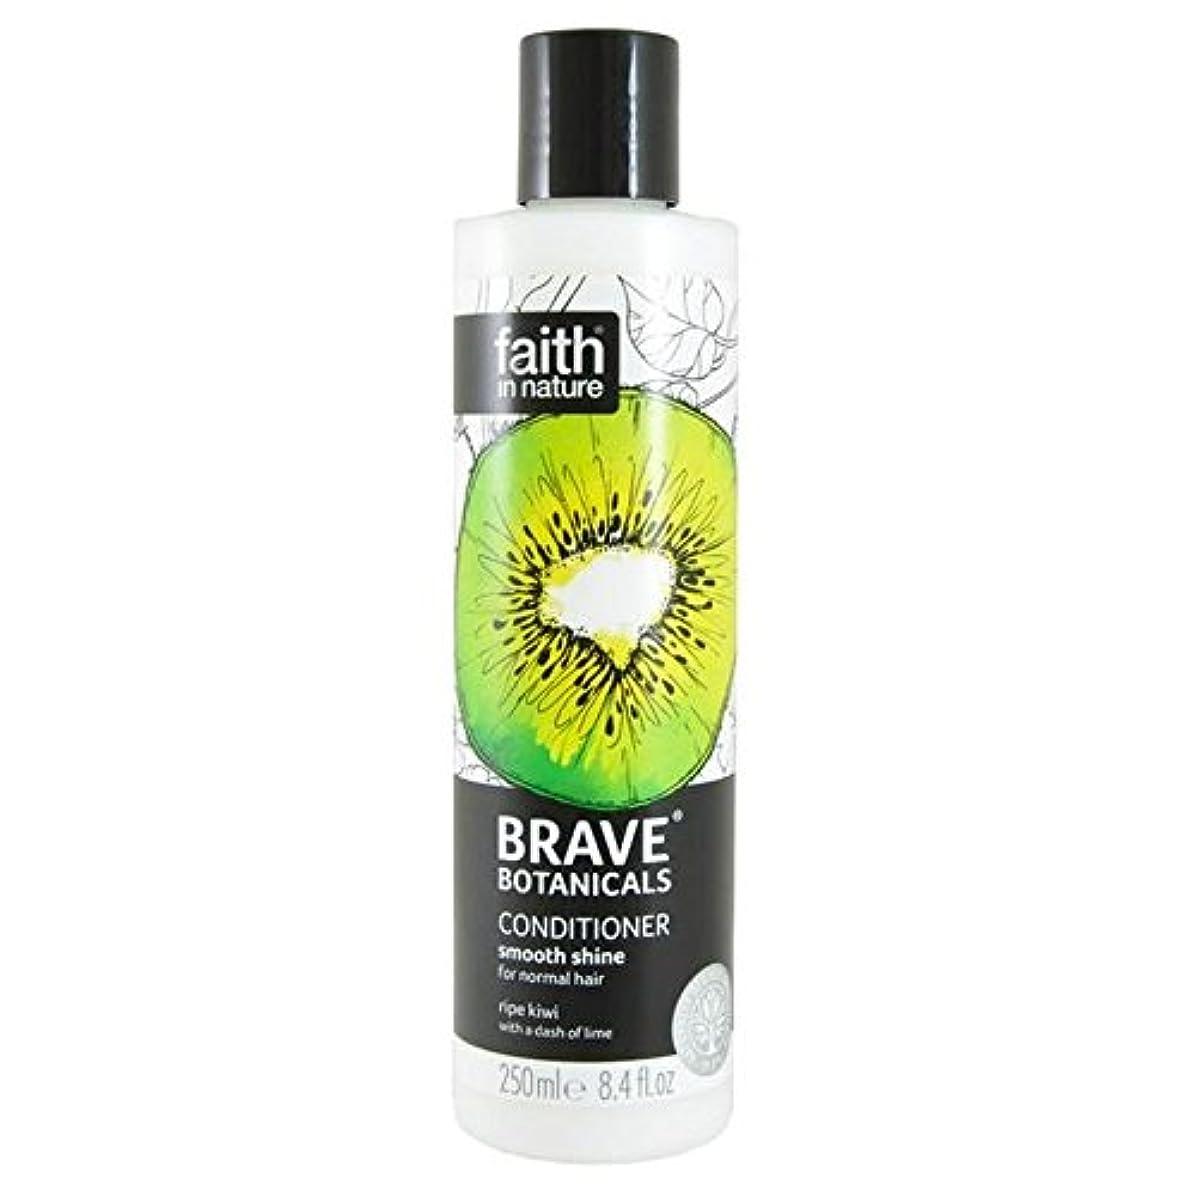 アセンブリシリンダー雪だるまBrave Botanicals Kiwi & Lime Smooth Shine Conditioner 250ml - (Faith In Nature) 勇敢な植物キウイ&ライムなめらかな輝きコンディショナー250Ml...